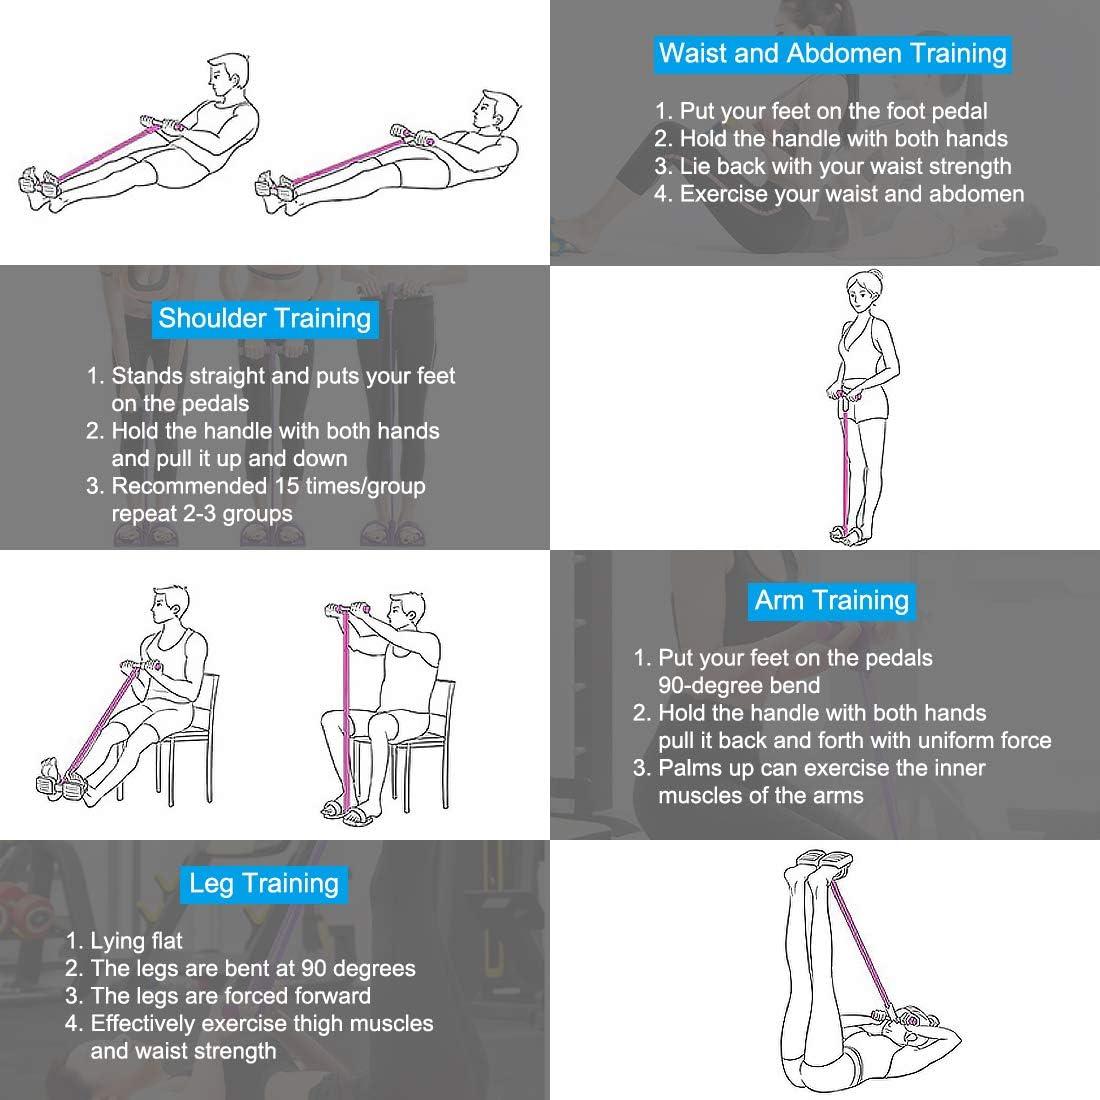 Multifunzione Resistenza Allenamento 4 Tubi Leg Exerciser Pull Rope Band Yoga Fitness Pedal Pull Rope Sit-up Bodybuilding Expander Resistenza Esercizio Fasce per Attrezzatura Casa Rosso